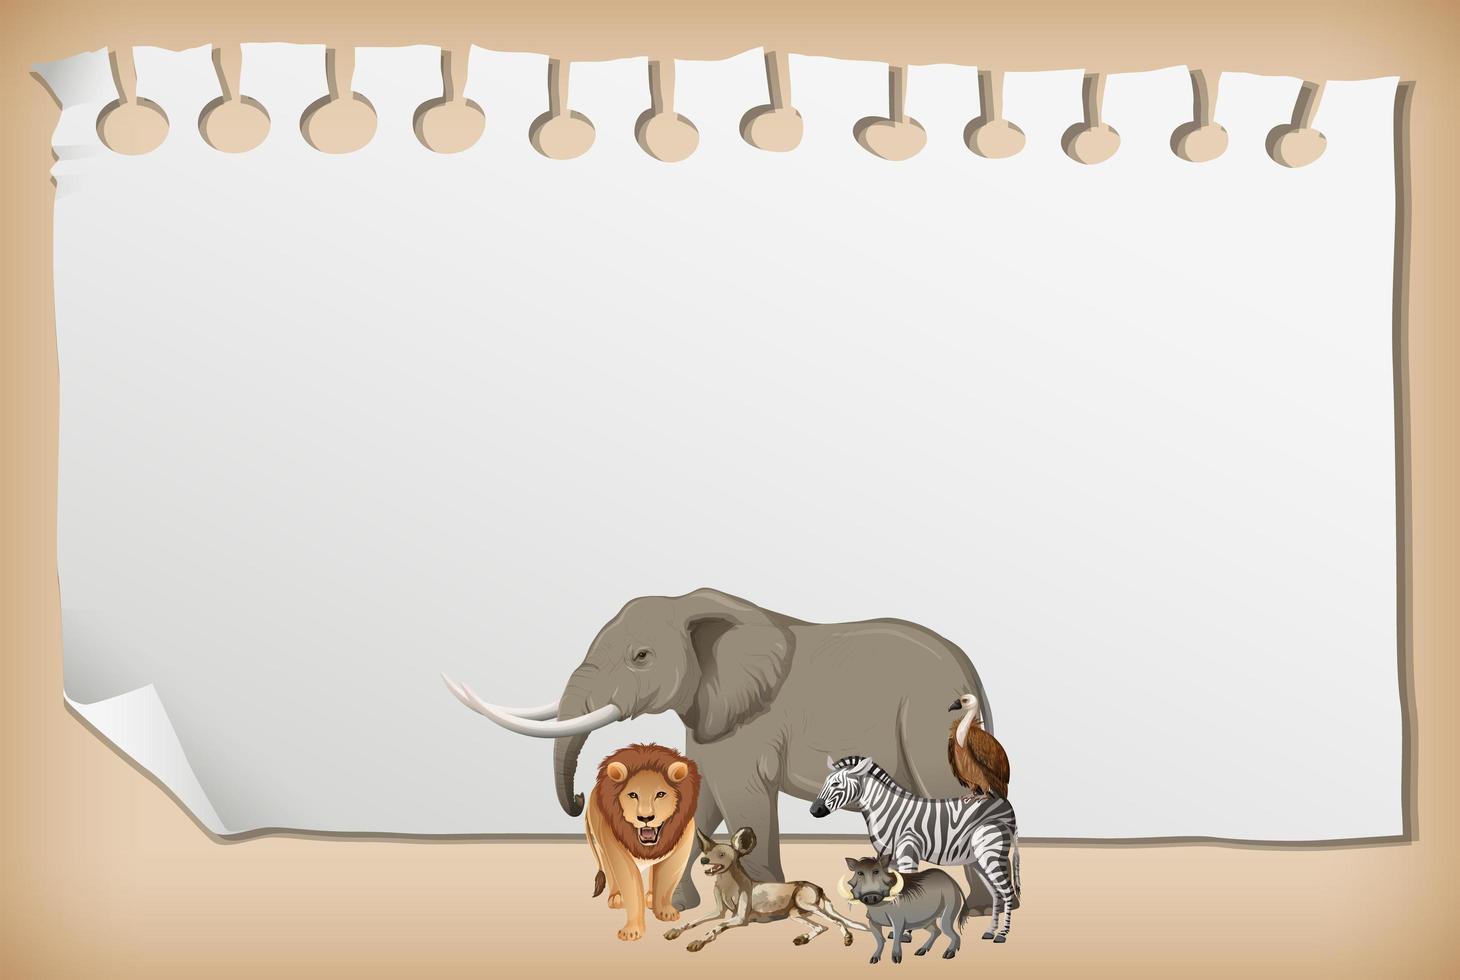 bannière de papier vide avec animal africain sauvage vecteur